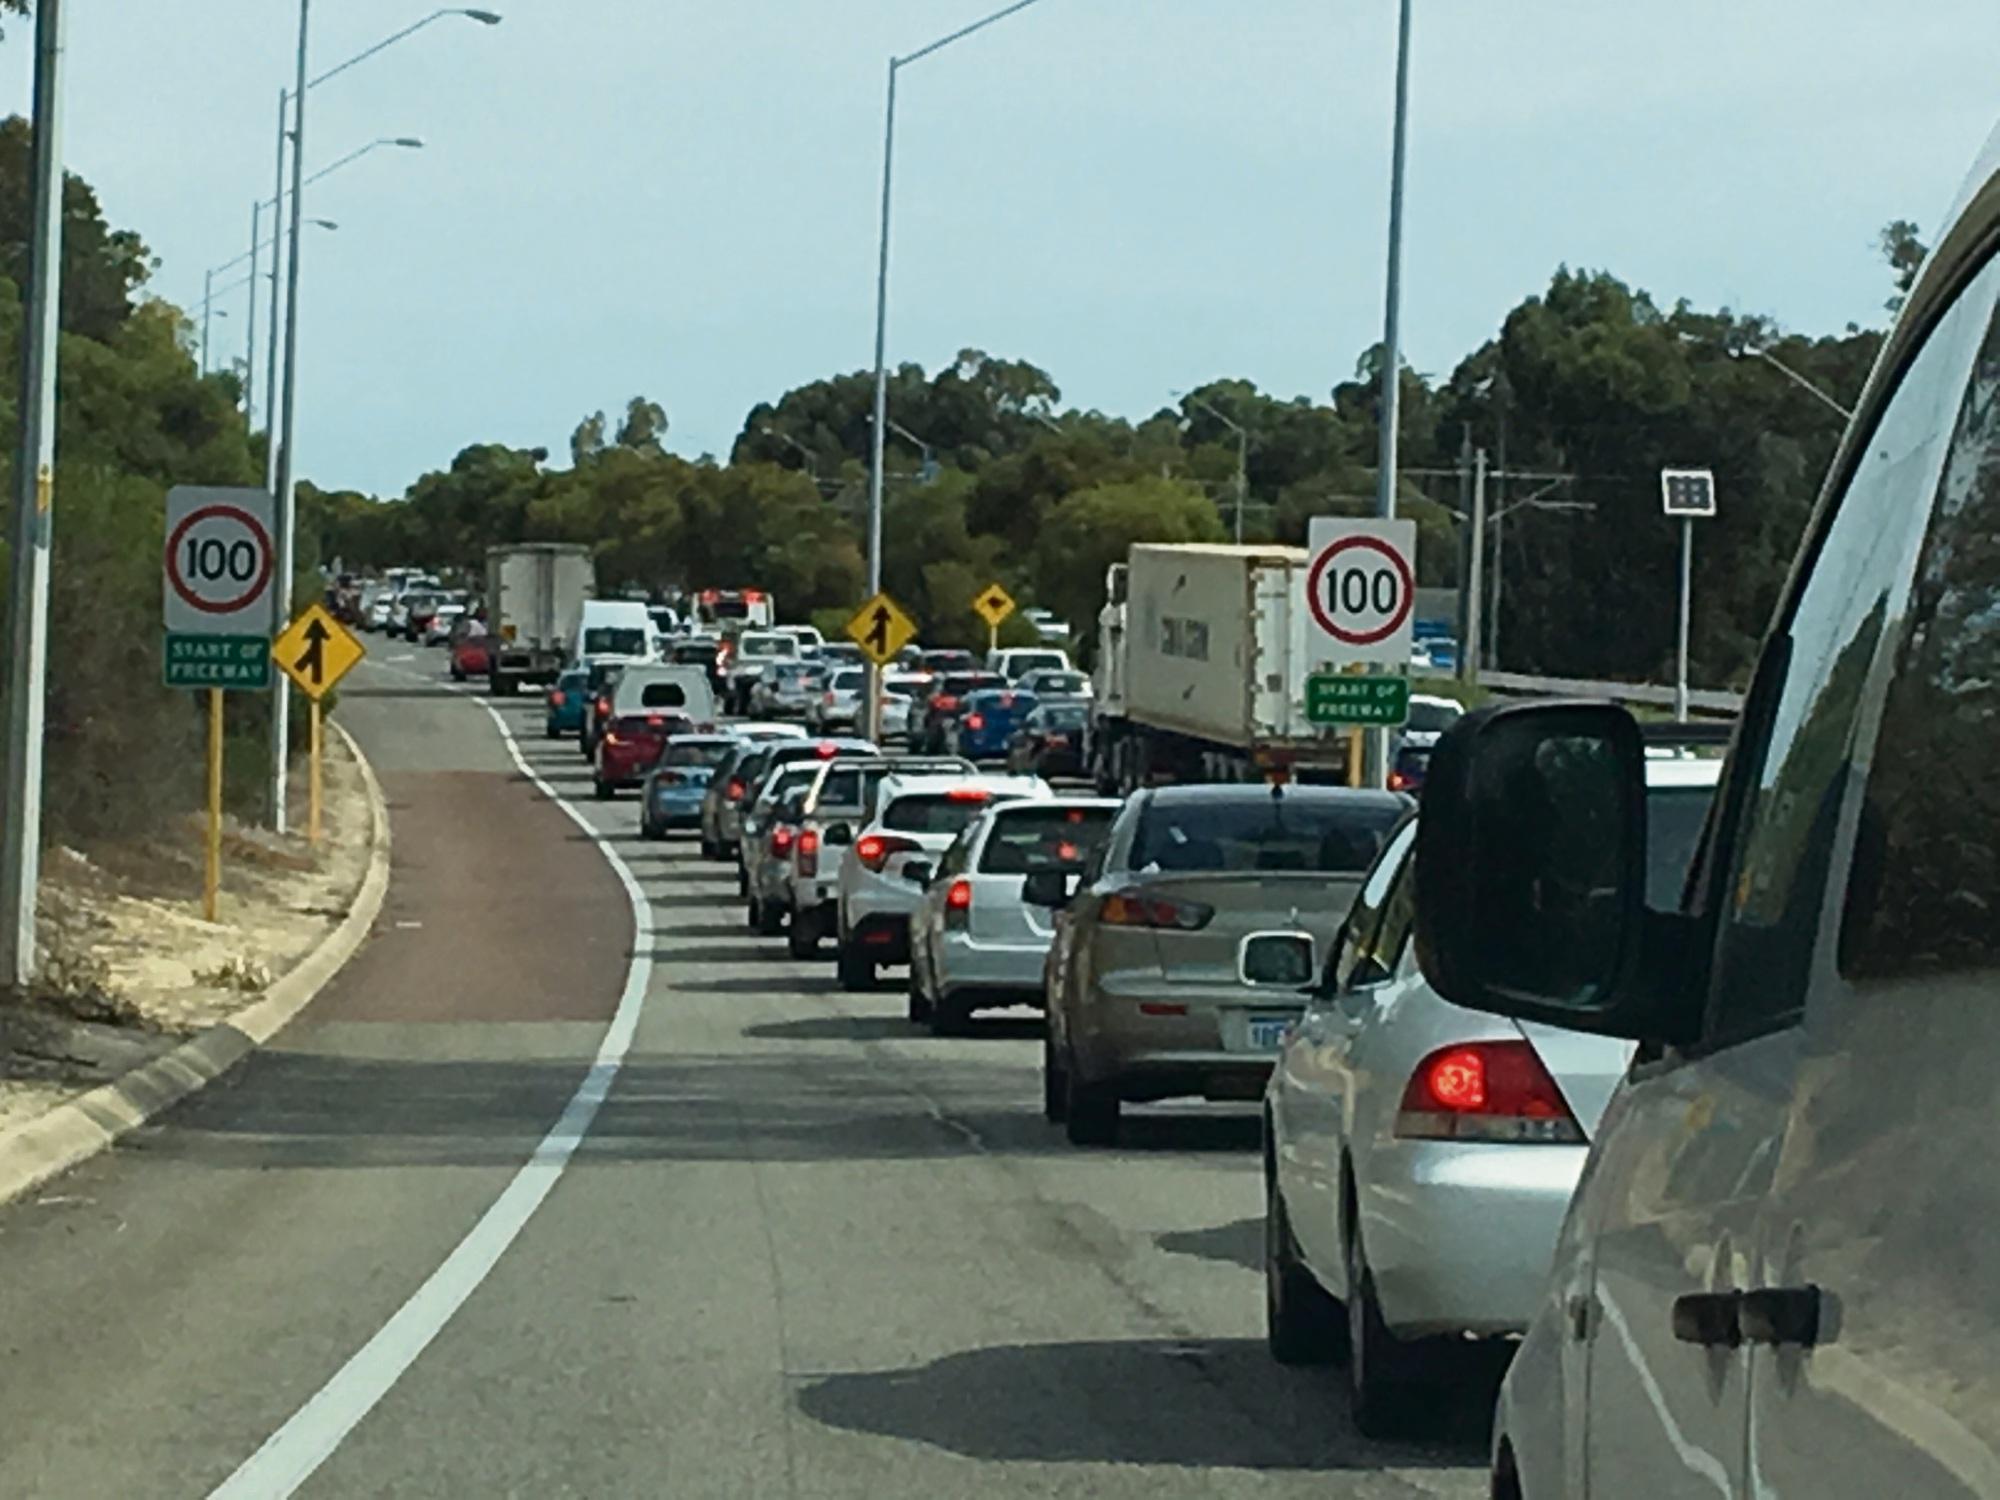 Opinion: Kwinana Freeway a logjam of problems